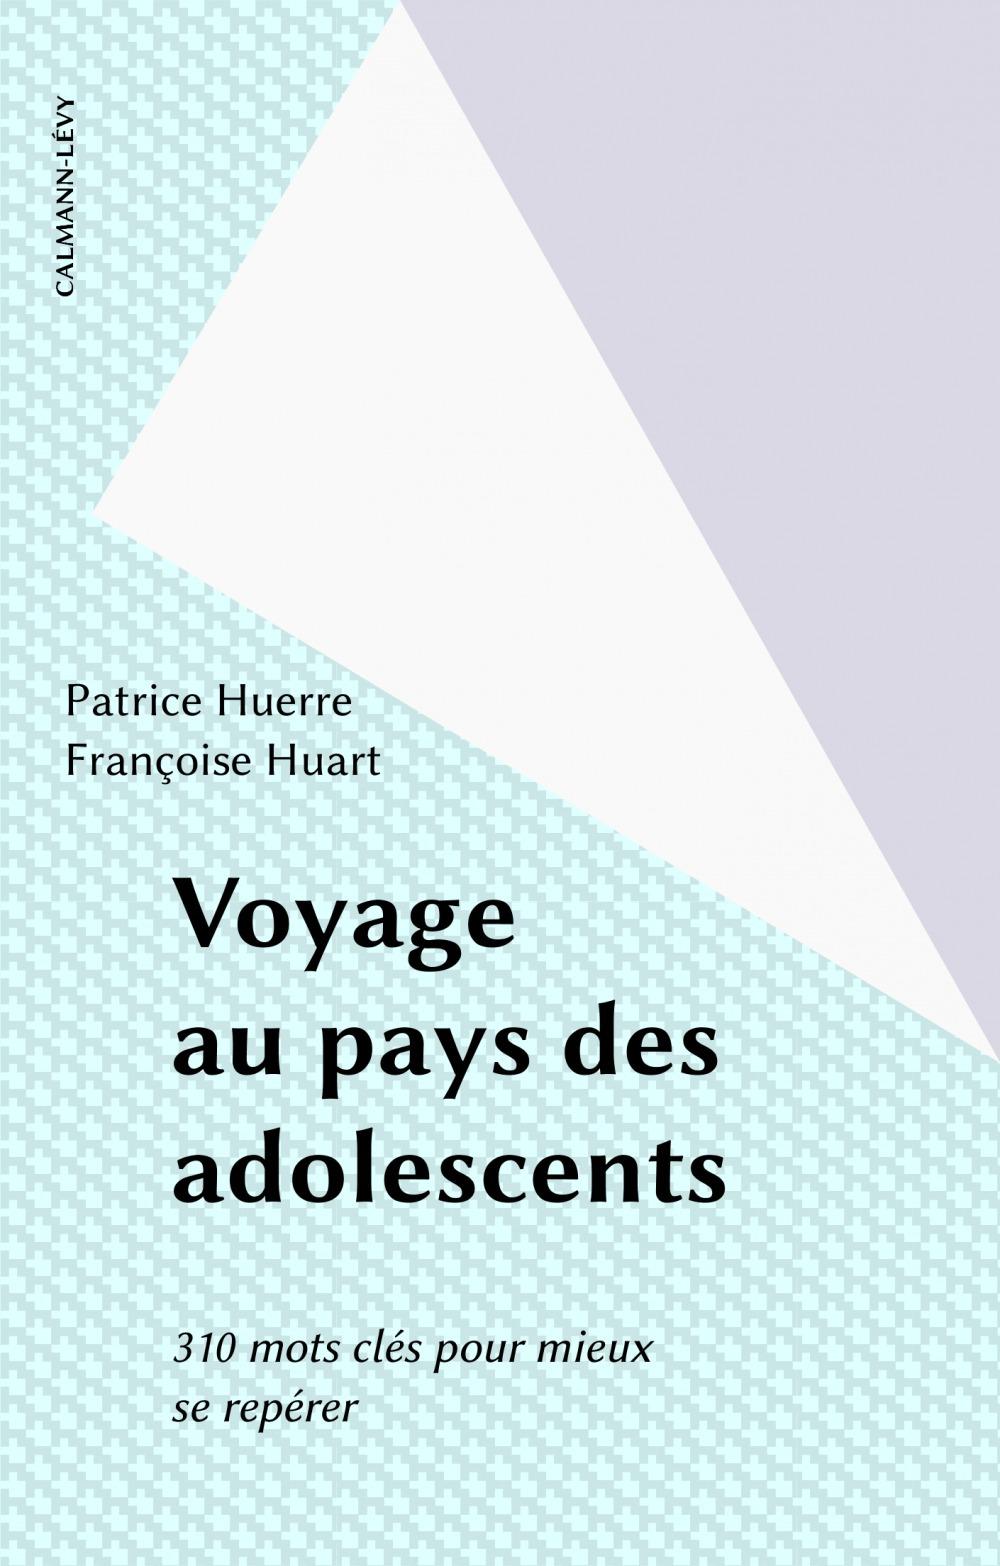 Voyage au pays des adolescents